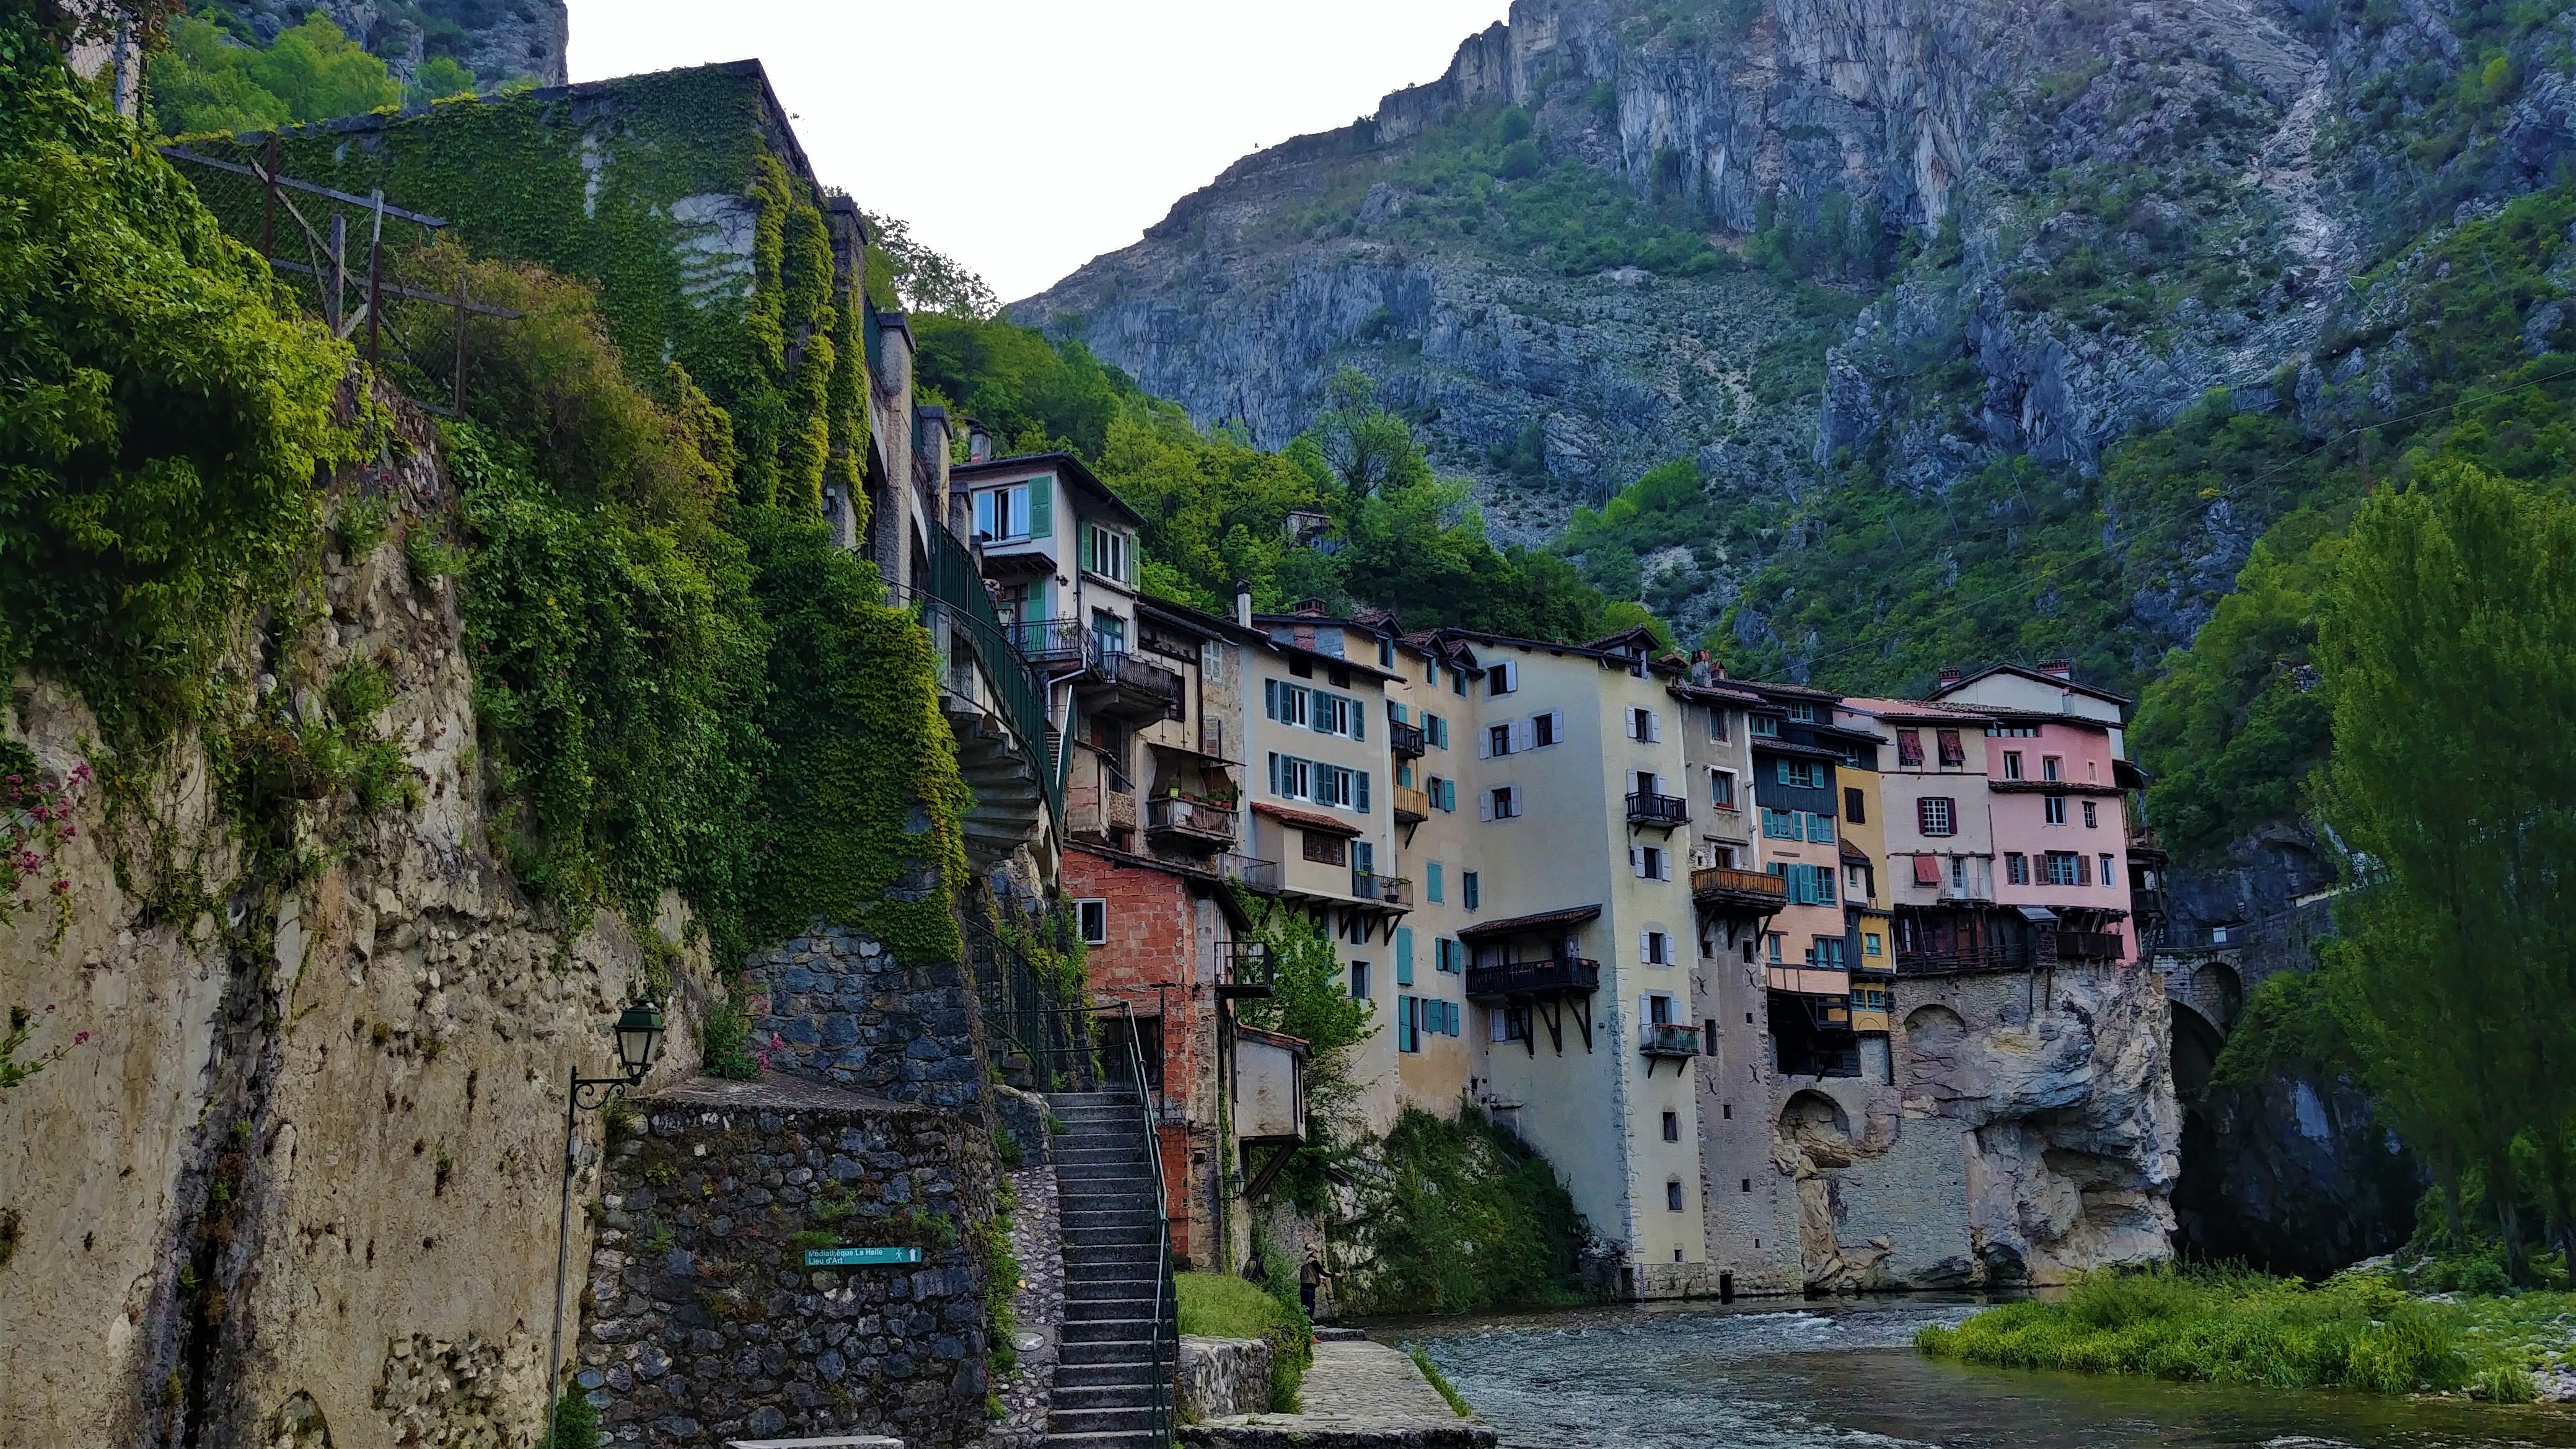 pont-en-royans maisons suspendues bourne isere blog voyage